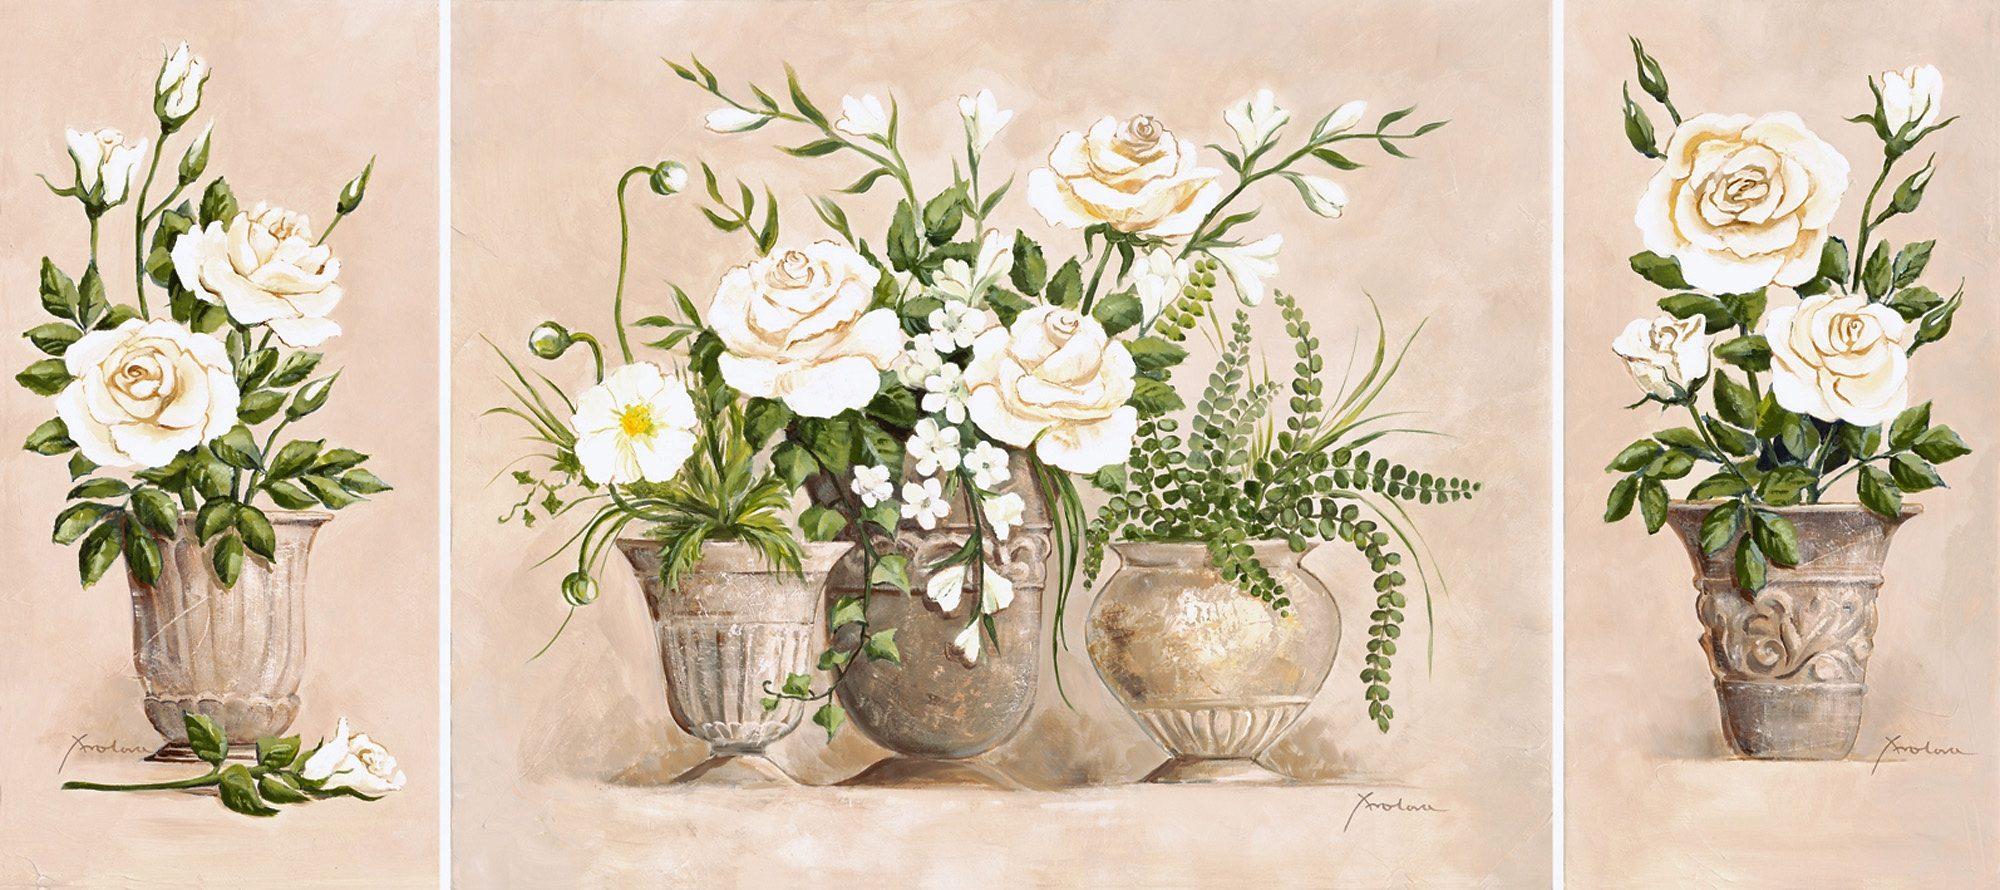 Kunstdruck auf Holzfaserplatte, Home affaire, »Rosen Bouquet«, 3er Set, 132/59 cm